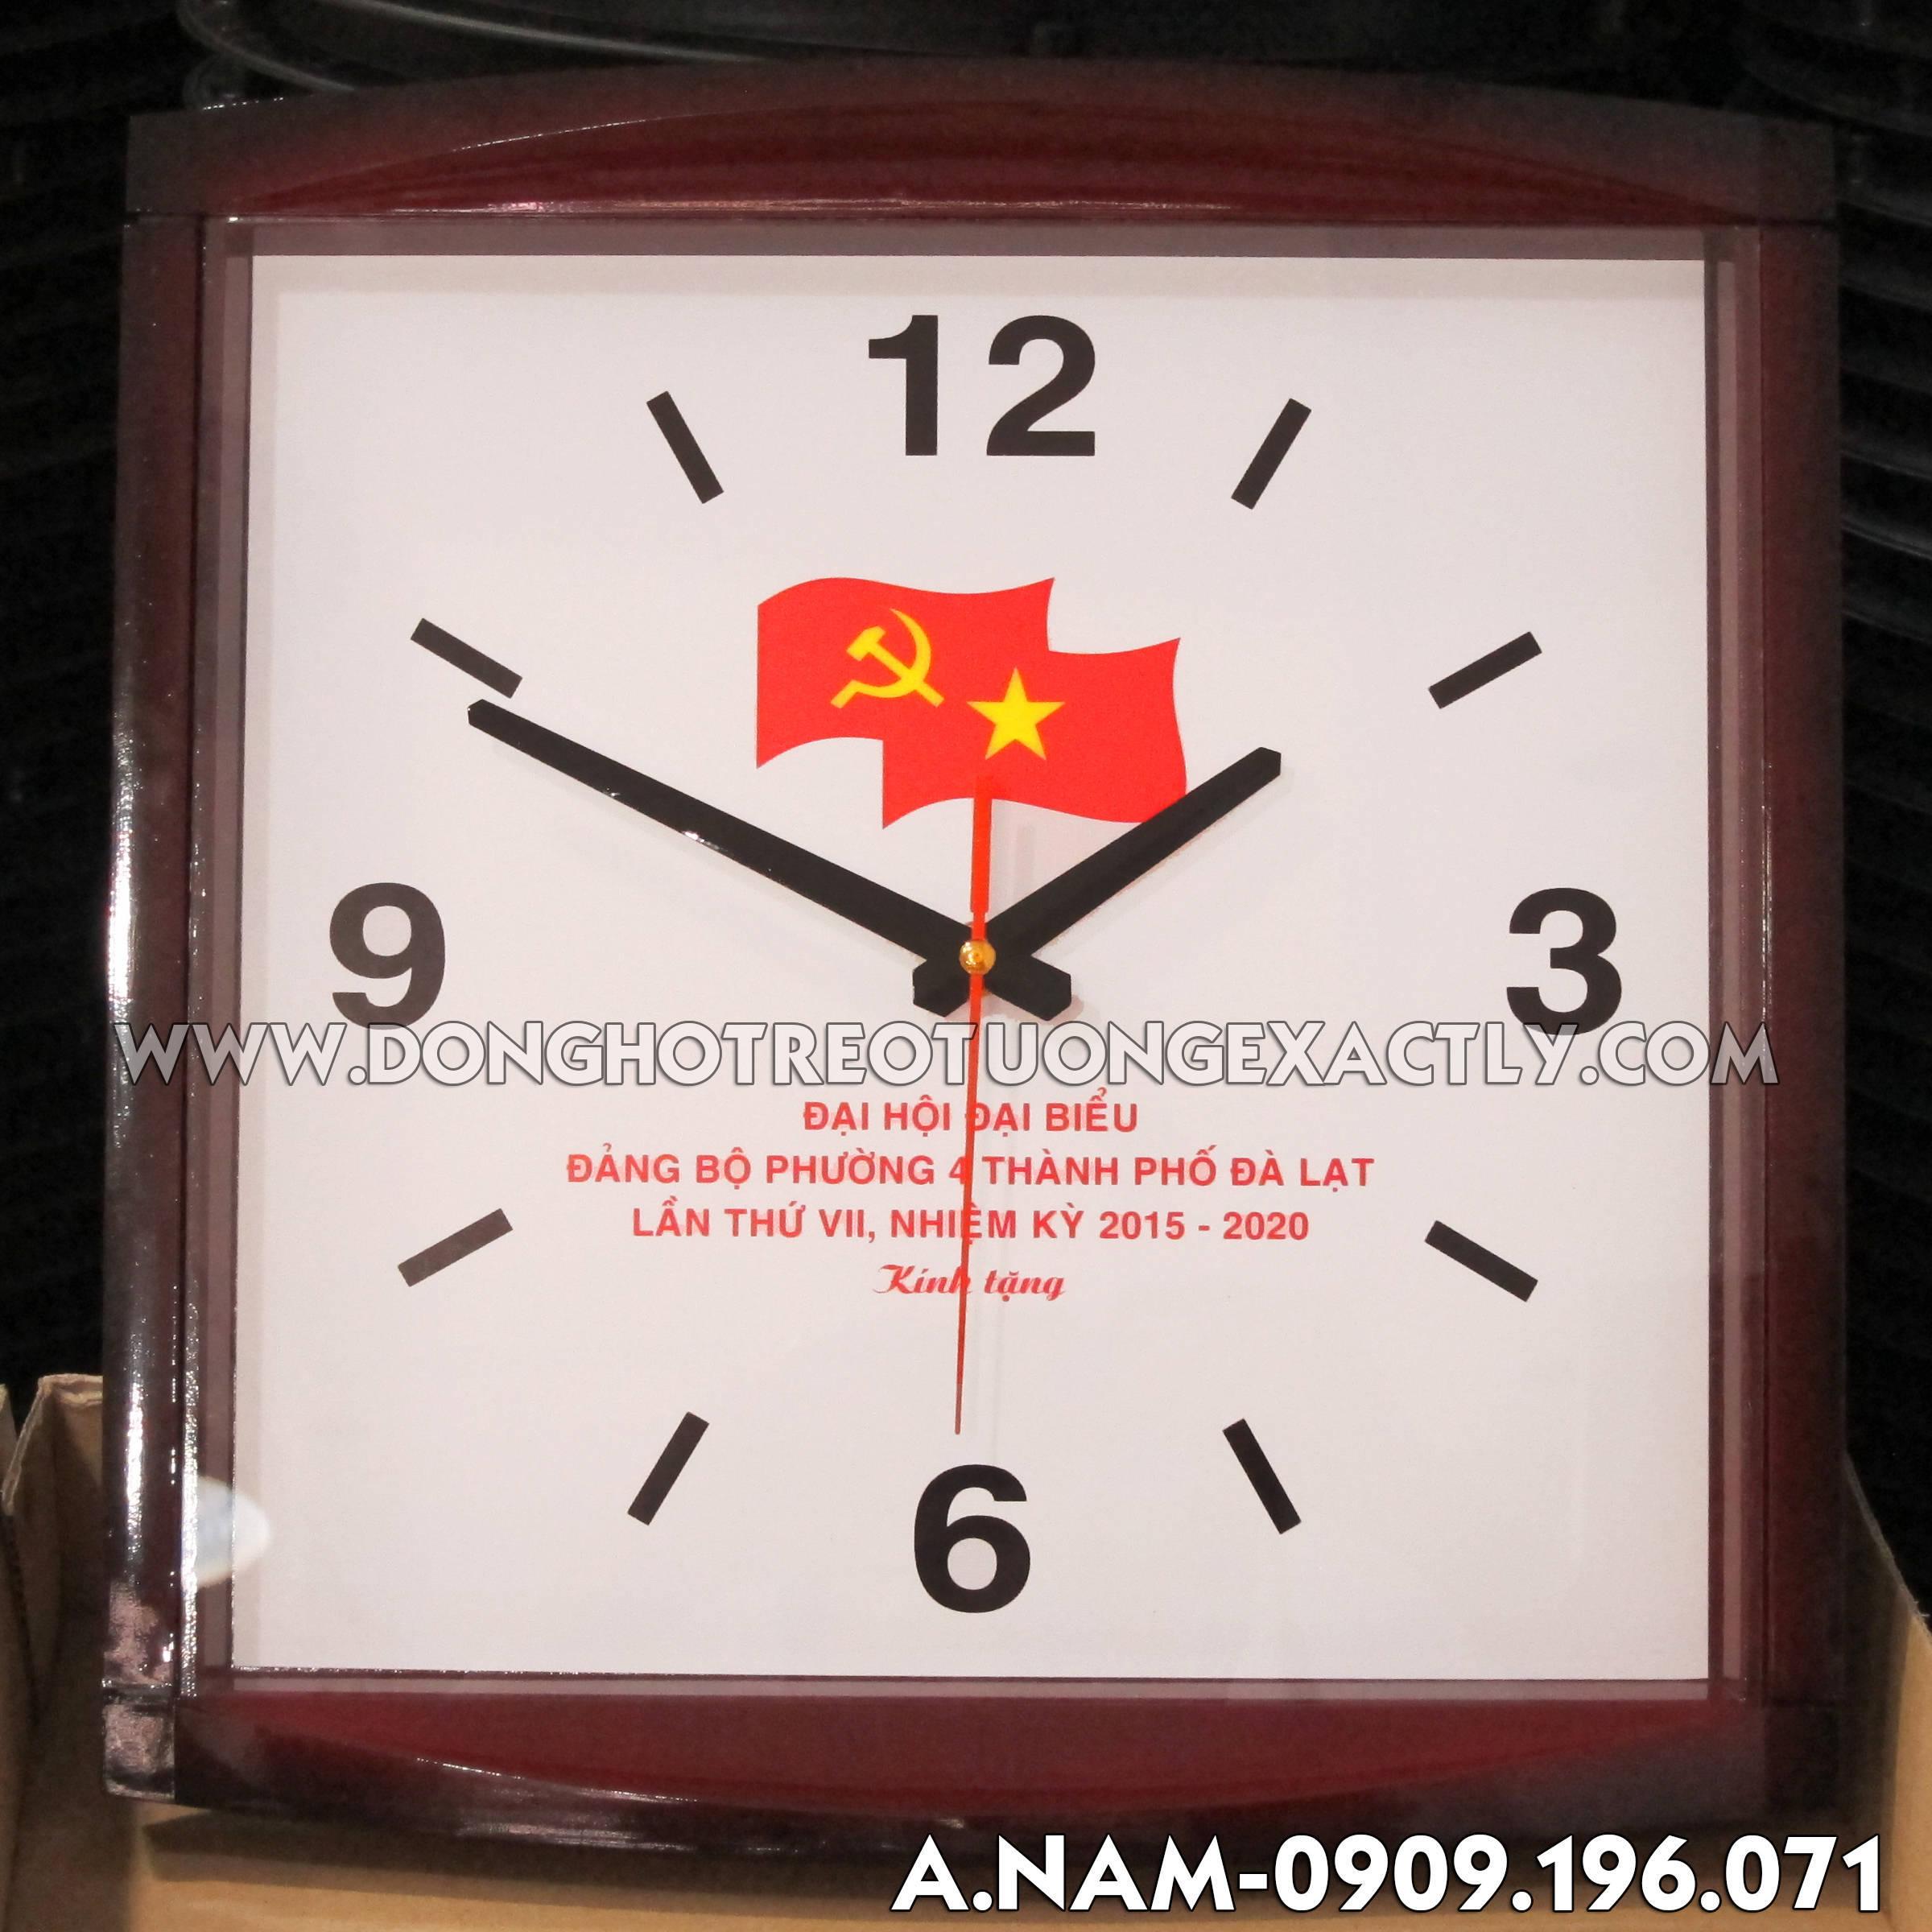 đồng hồ treo tường nam sánh Đại hội đại biểu thành phố đà lạt